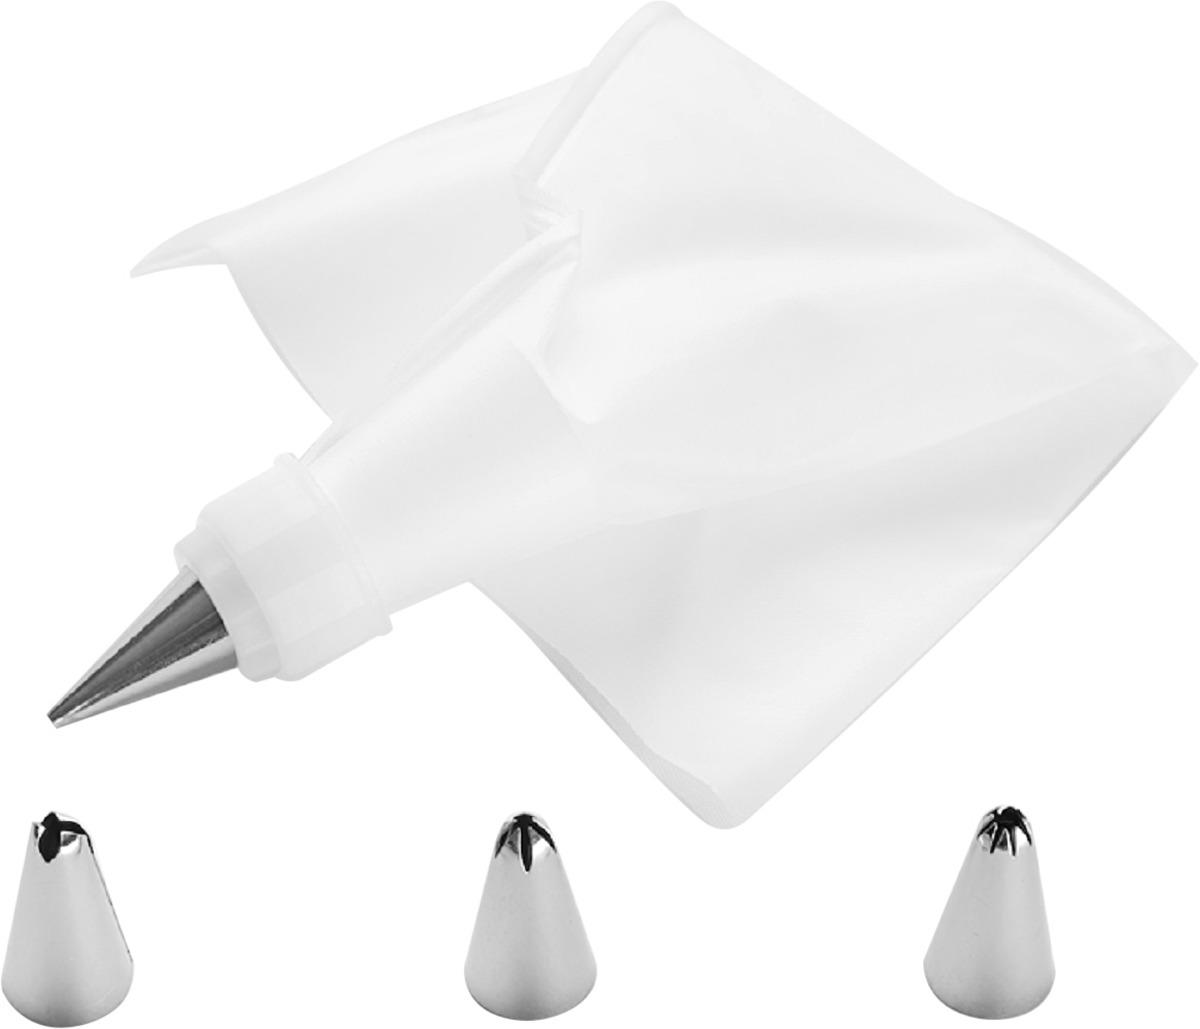 Мешок кондитерский Home Kitchen, с 4 насадками, цвет: белый мешок кондитерский с 8 насадками viva grey 1233113